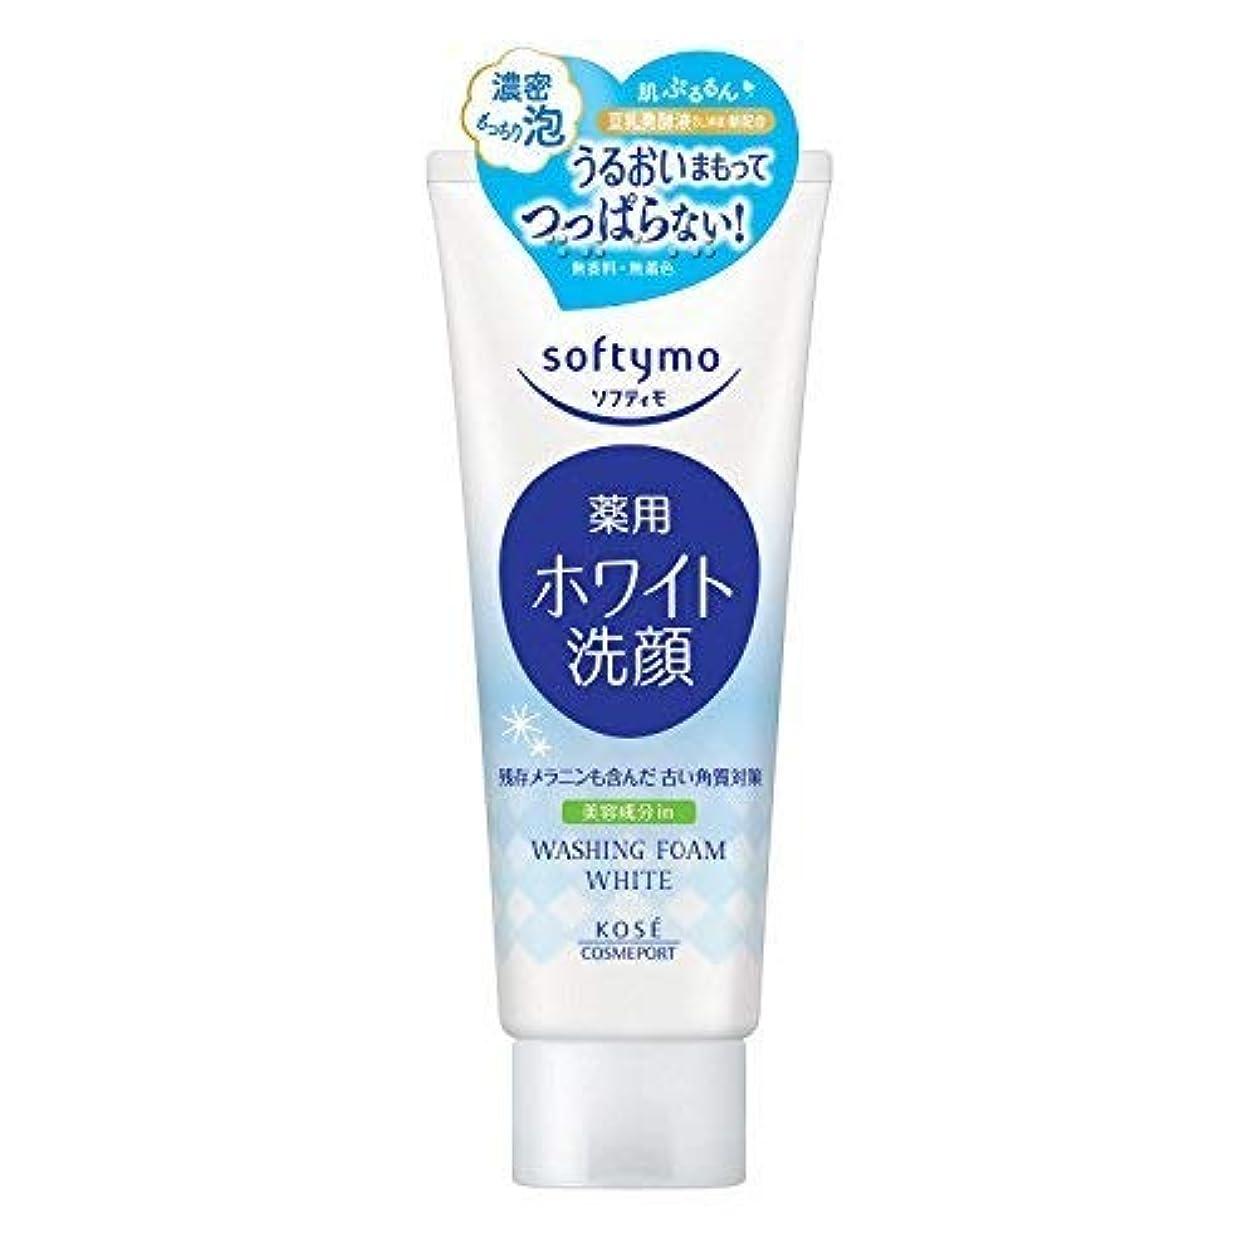 架空のシャンプーの慈悲でソフティモ薬用洗顔フォーム(ホワイト) × 3個セット